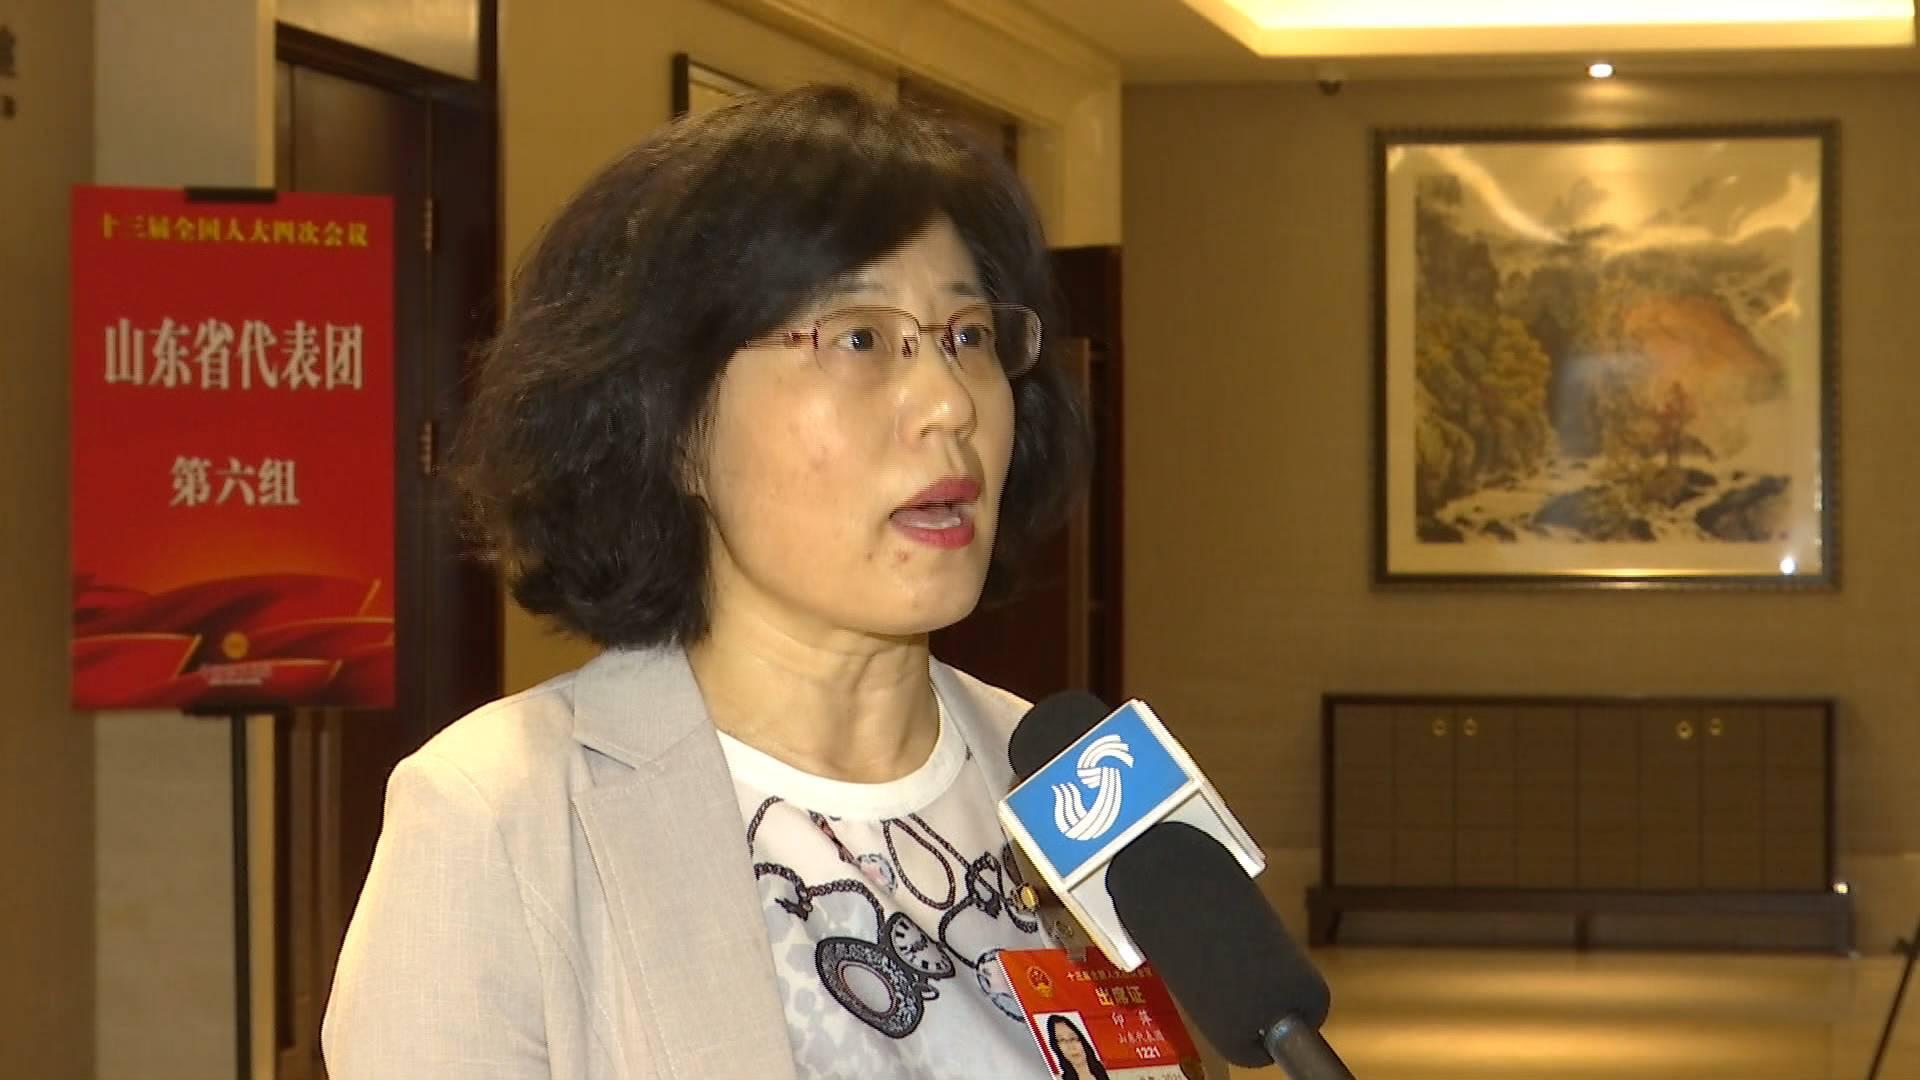 全国人大代表印萍:建议将海洋技术上升为一级学科 培养更多海洋技术人才